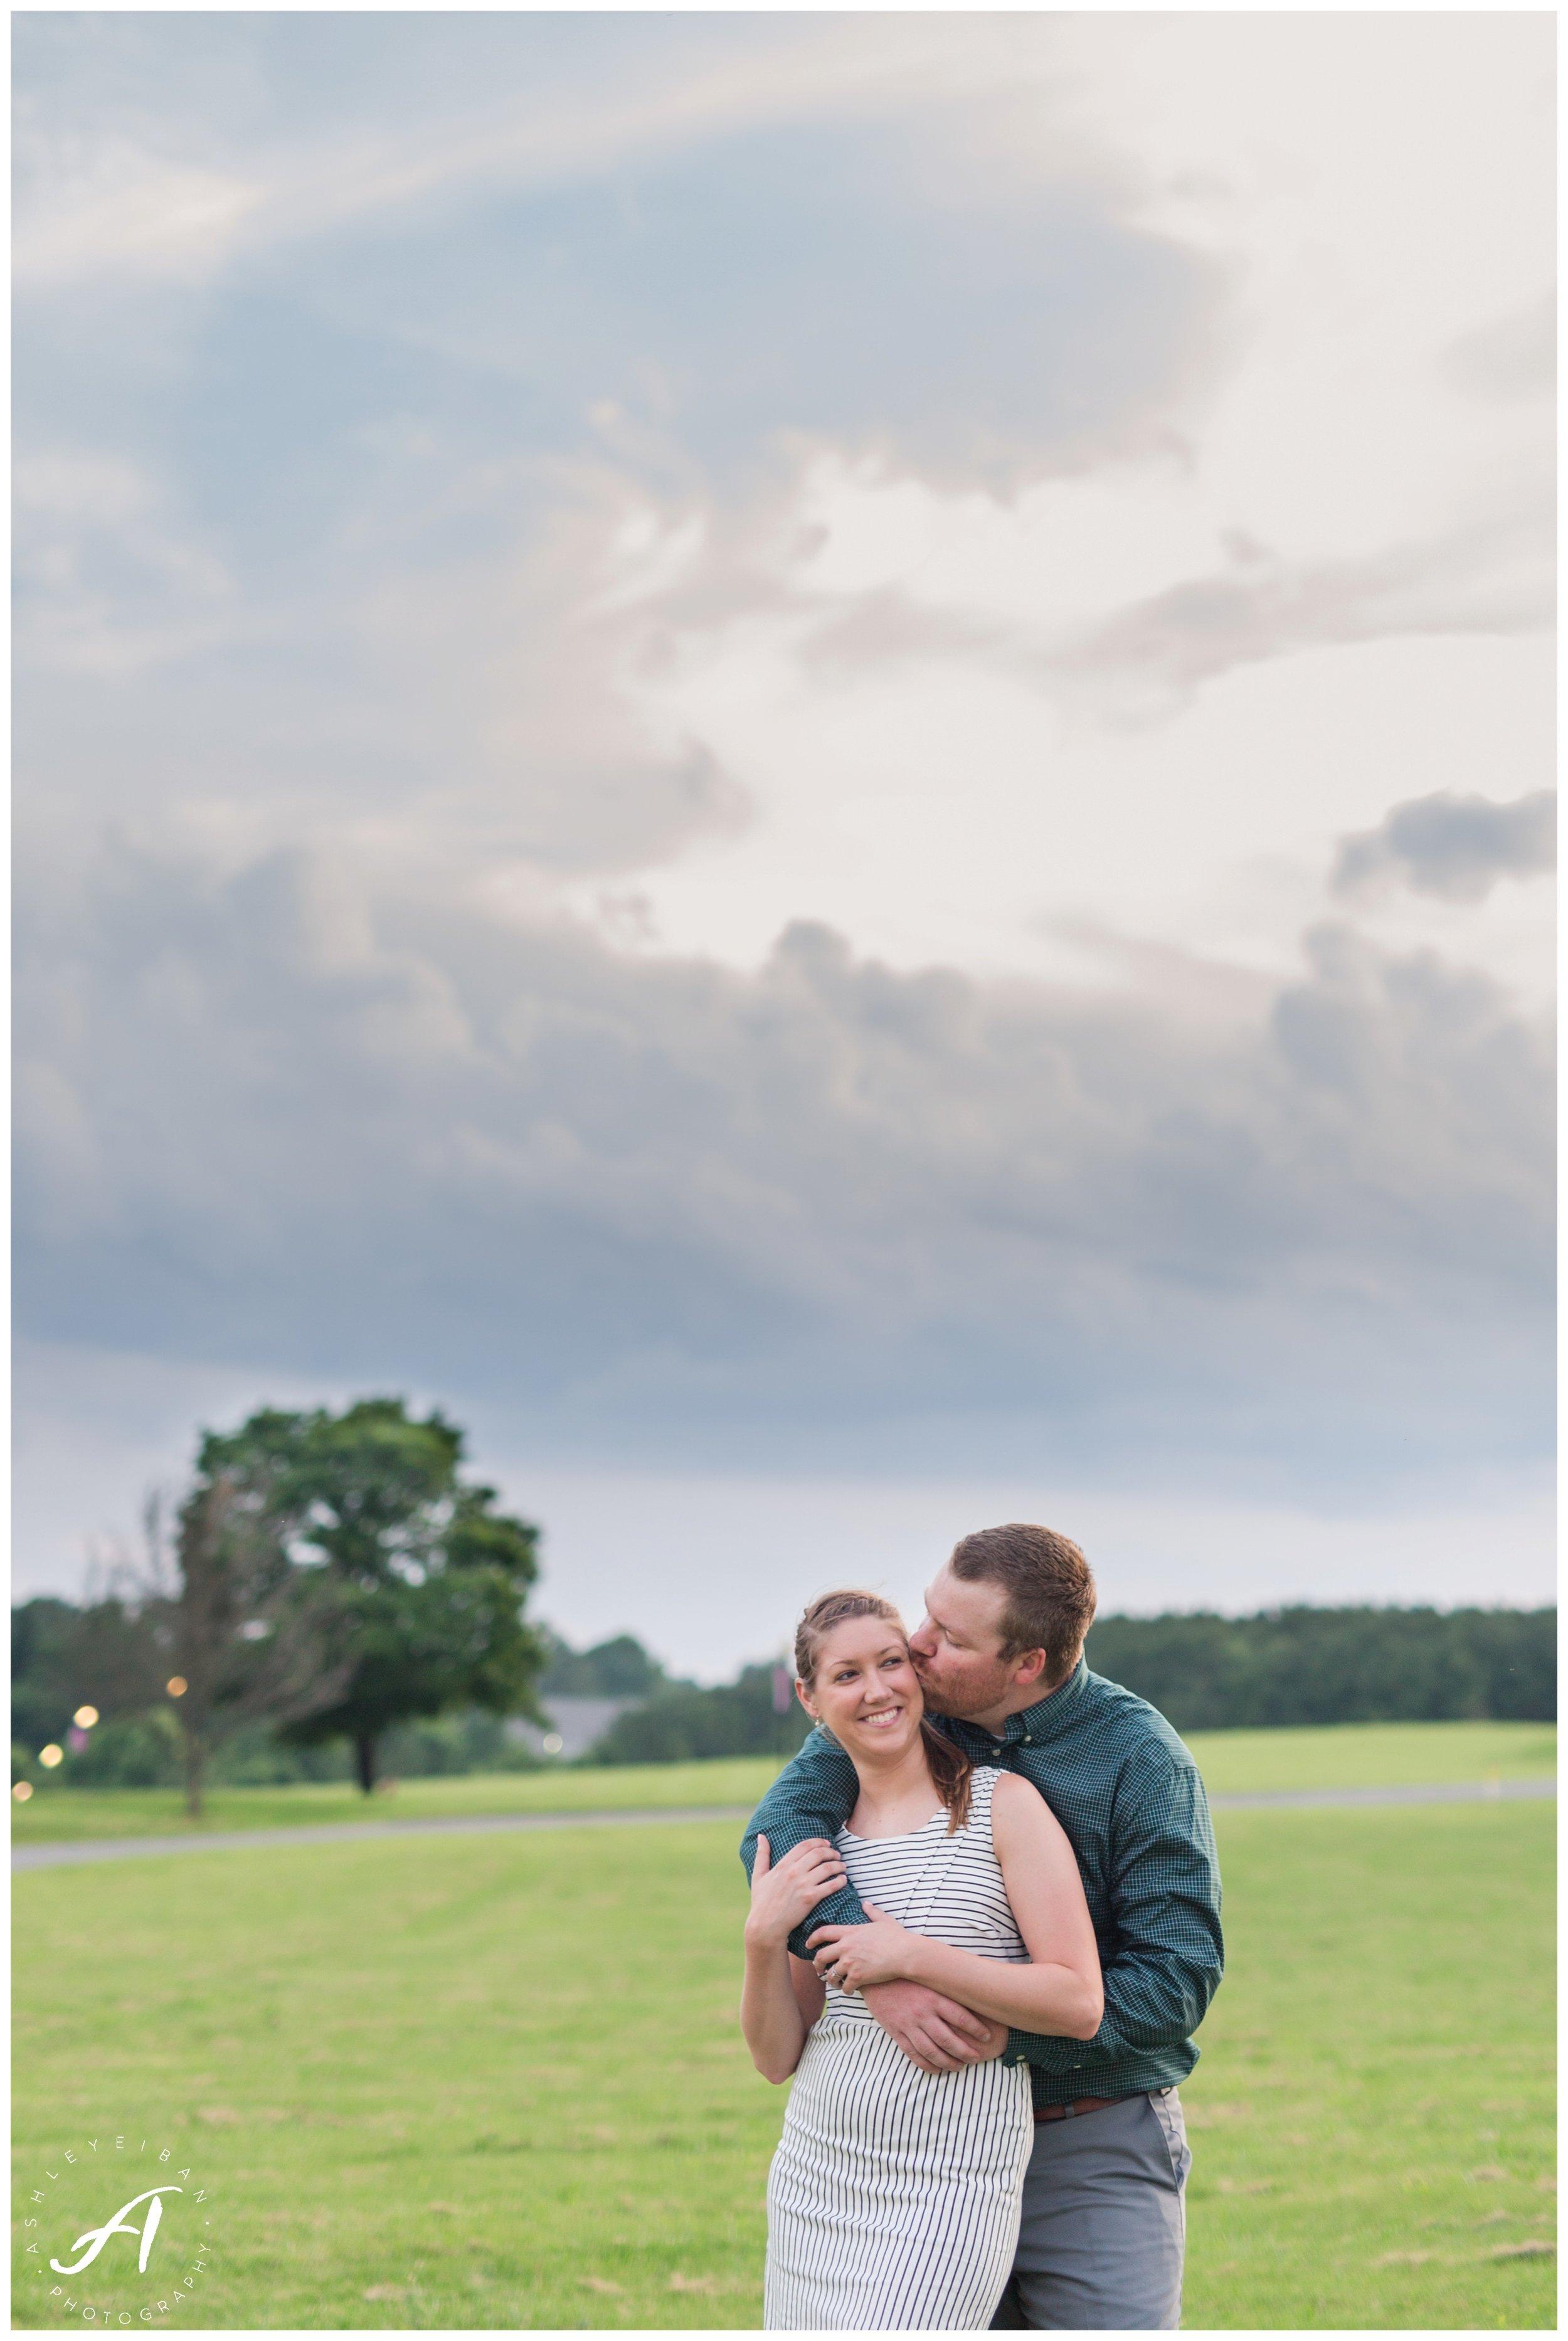 Charlottesville and Lynchburg Engagement Photography || Ashley Eiban Photography || www.ashleyeiban.com